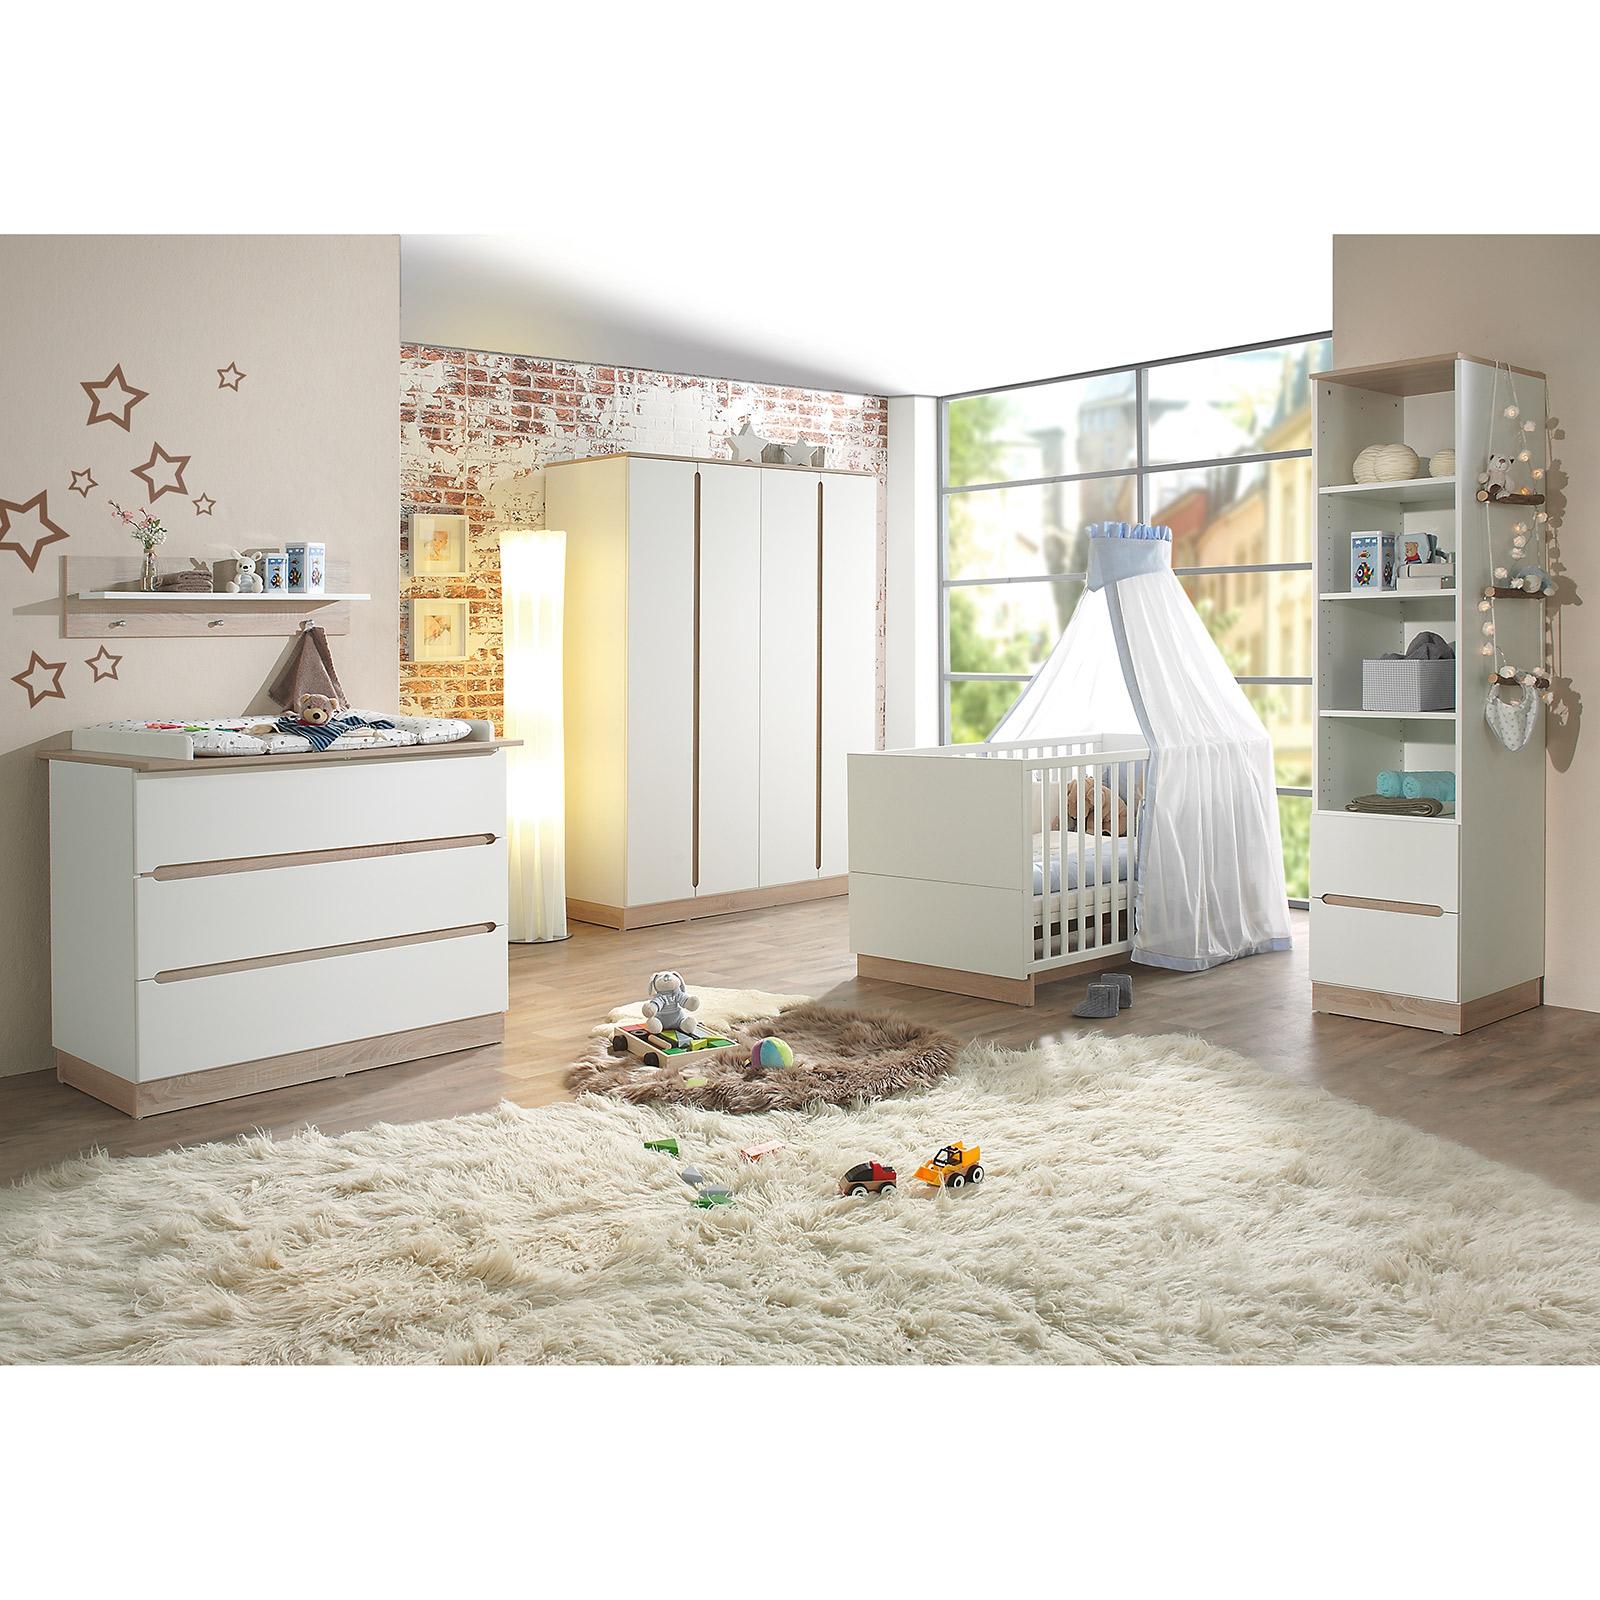 Chambres pl¨tes pour bébé